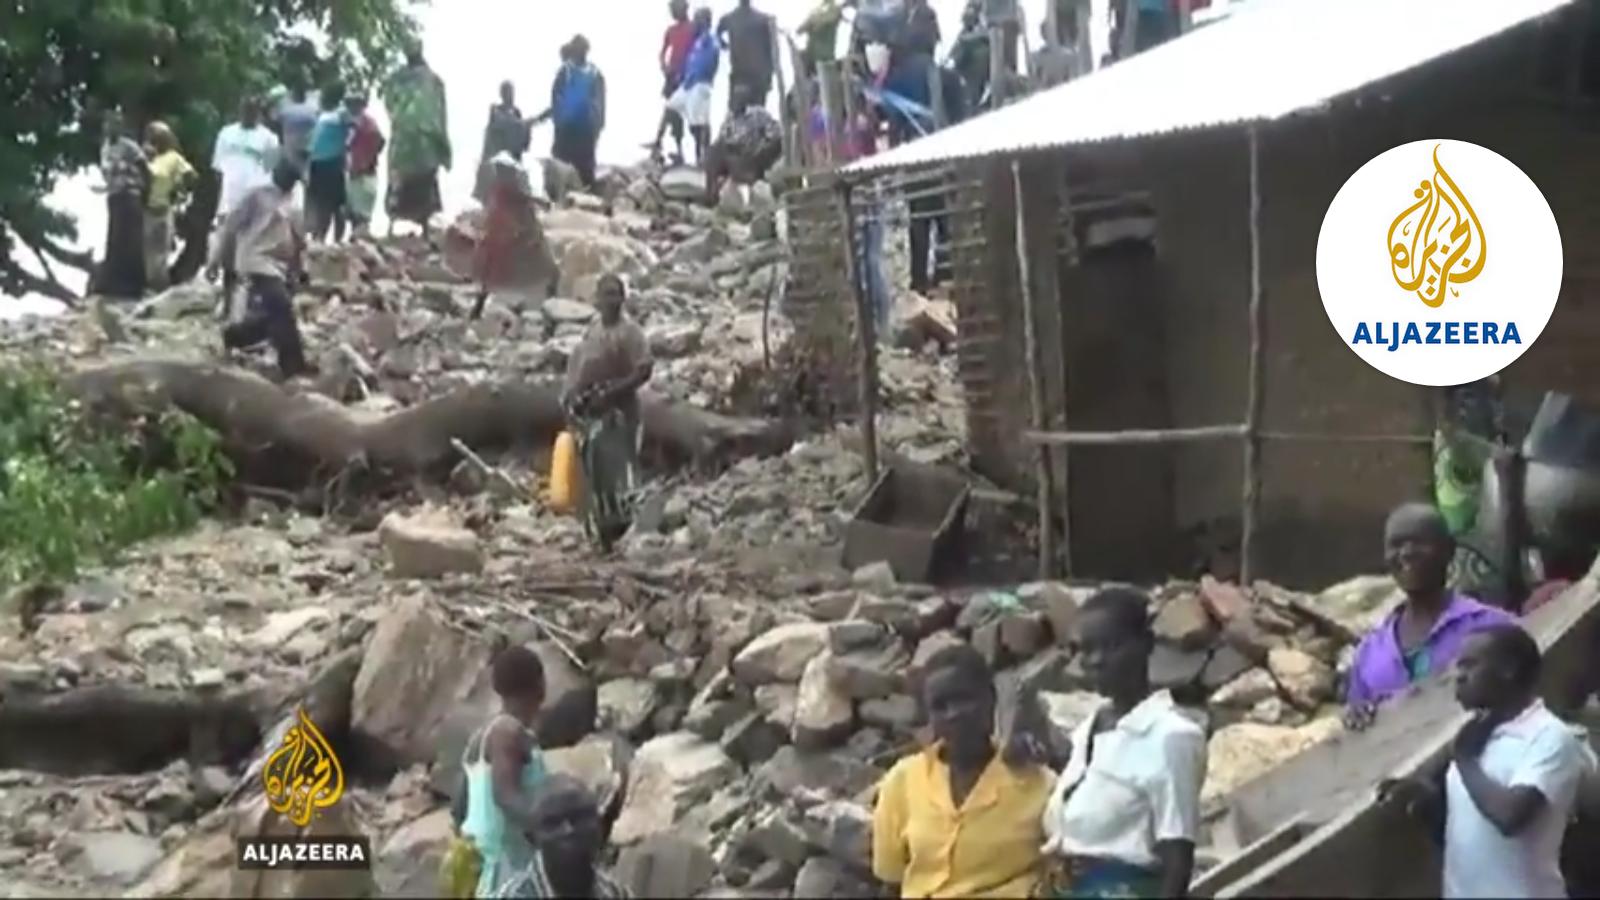 VIDEO: NAJMANJE 200 MRTVIH Bujice u Kongu s lica zemlje izbrisale cijela sela